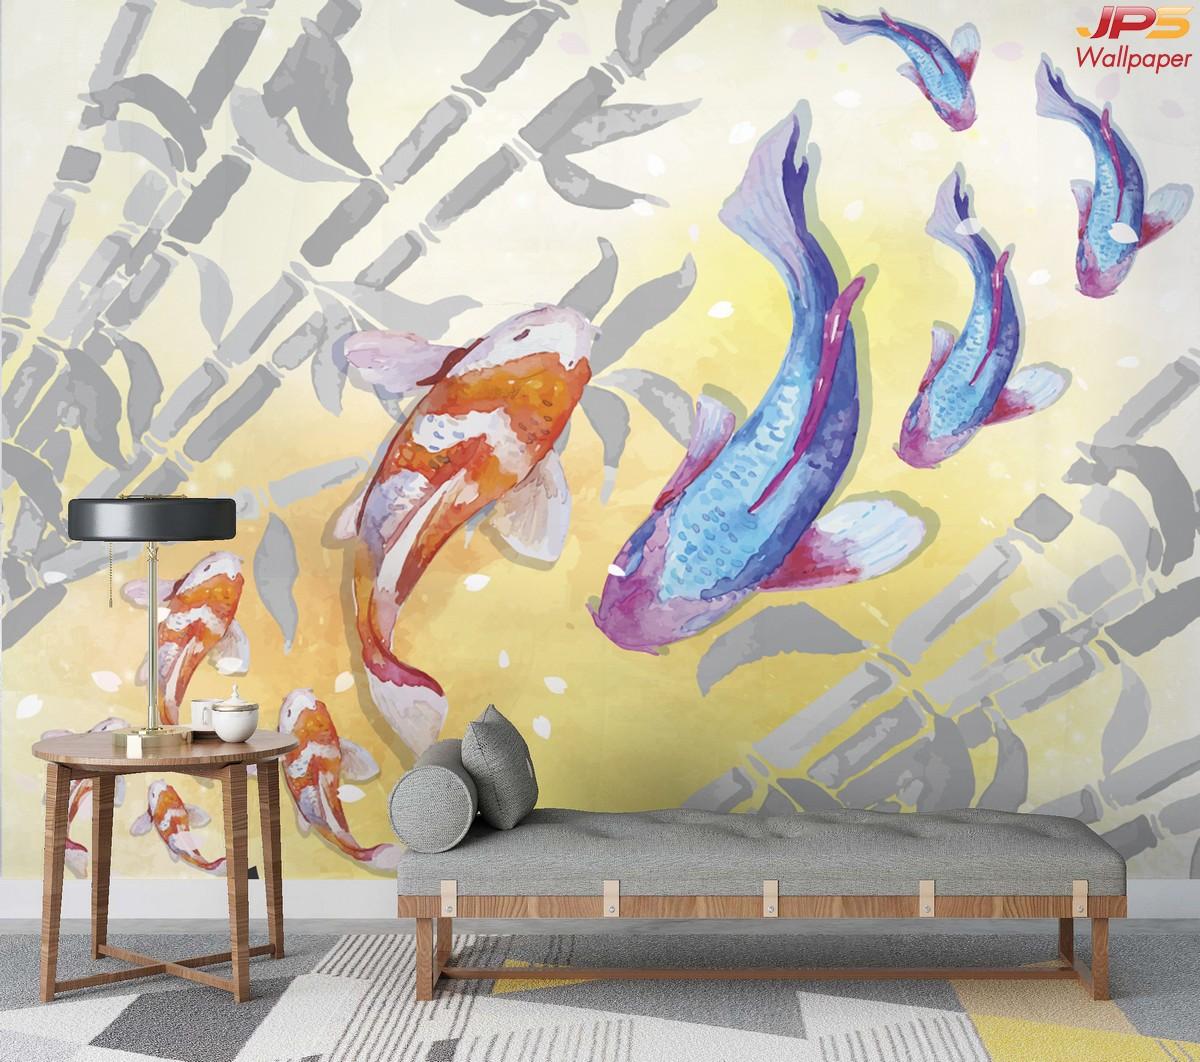 วอลเปเปอร์สั่งพิมพ์ลายสัตว์มงคล ห้องนั่งเล่นเสริมมงคล รูปมงคลเรียกทรัพย์ ภาพมงคลติดห้องนั่งเล่น ภาพปลาคราฟ แต่งบ้านเสริมฮวงจุ้ย